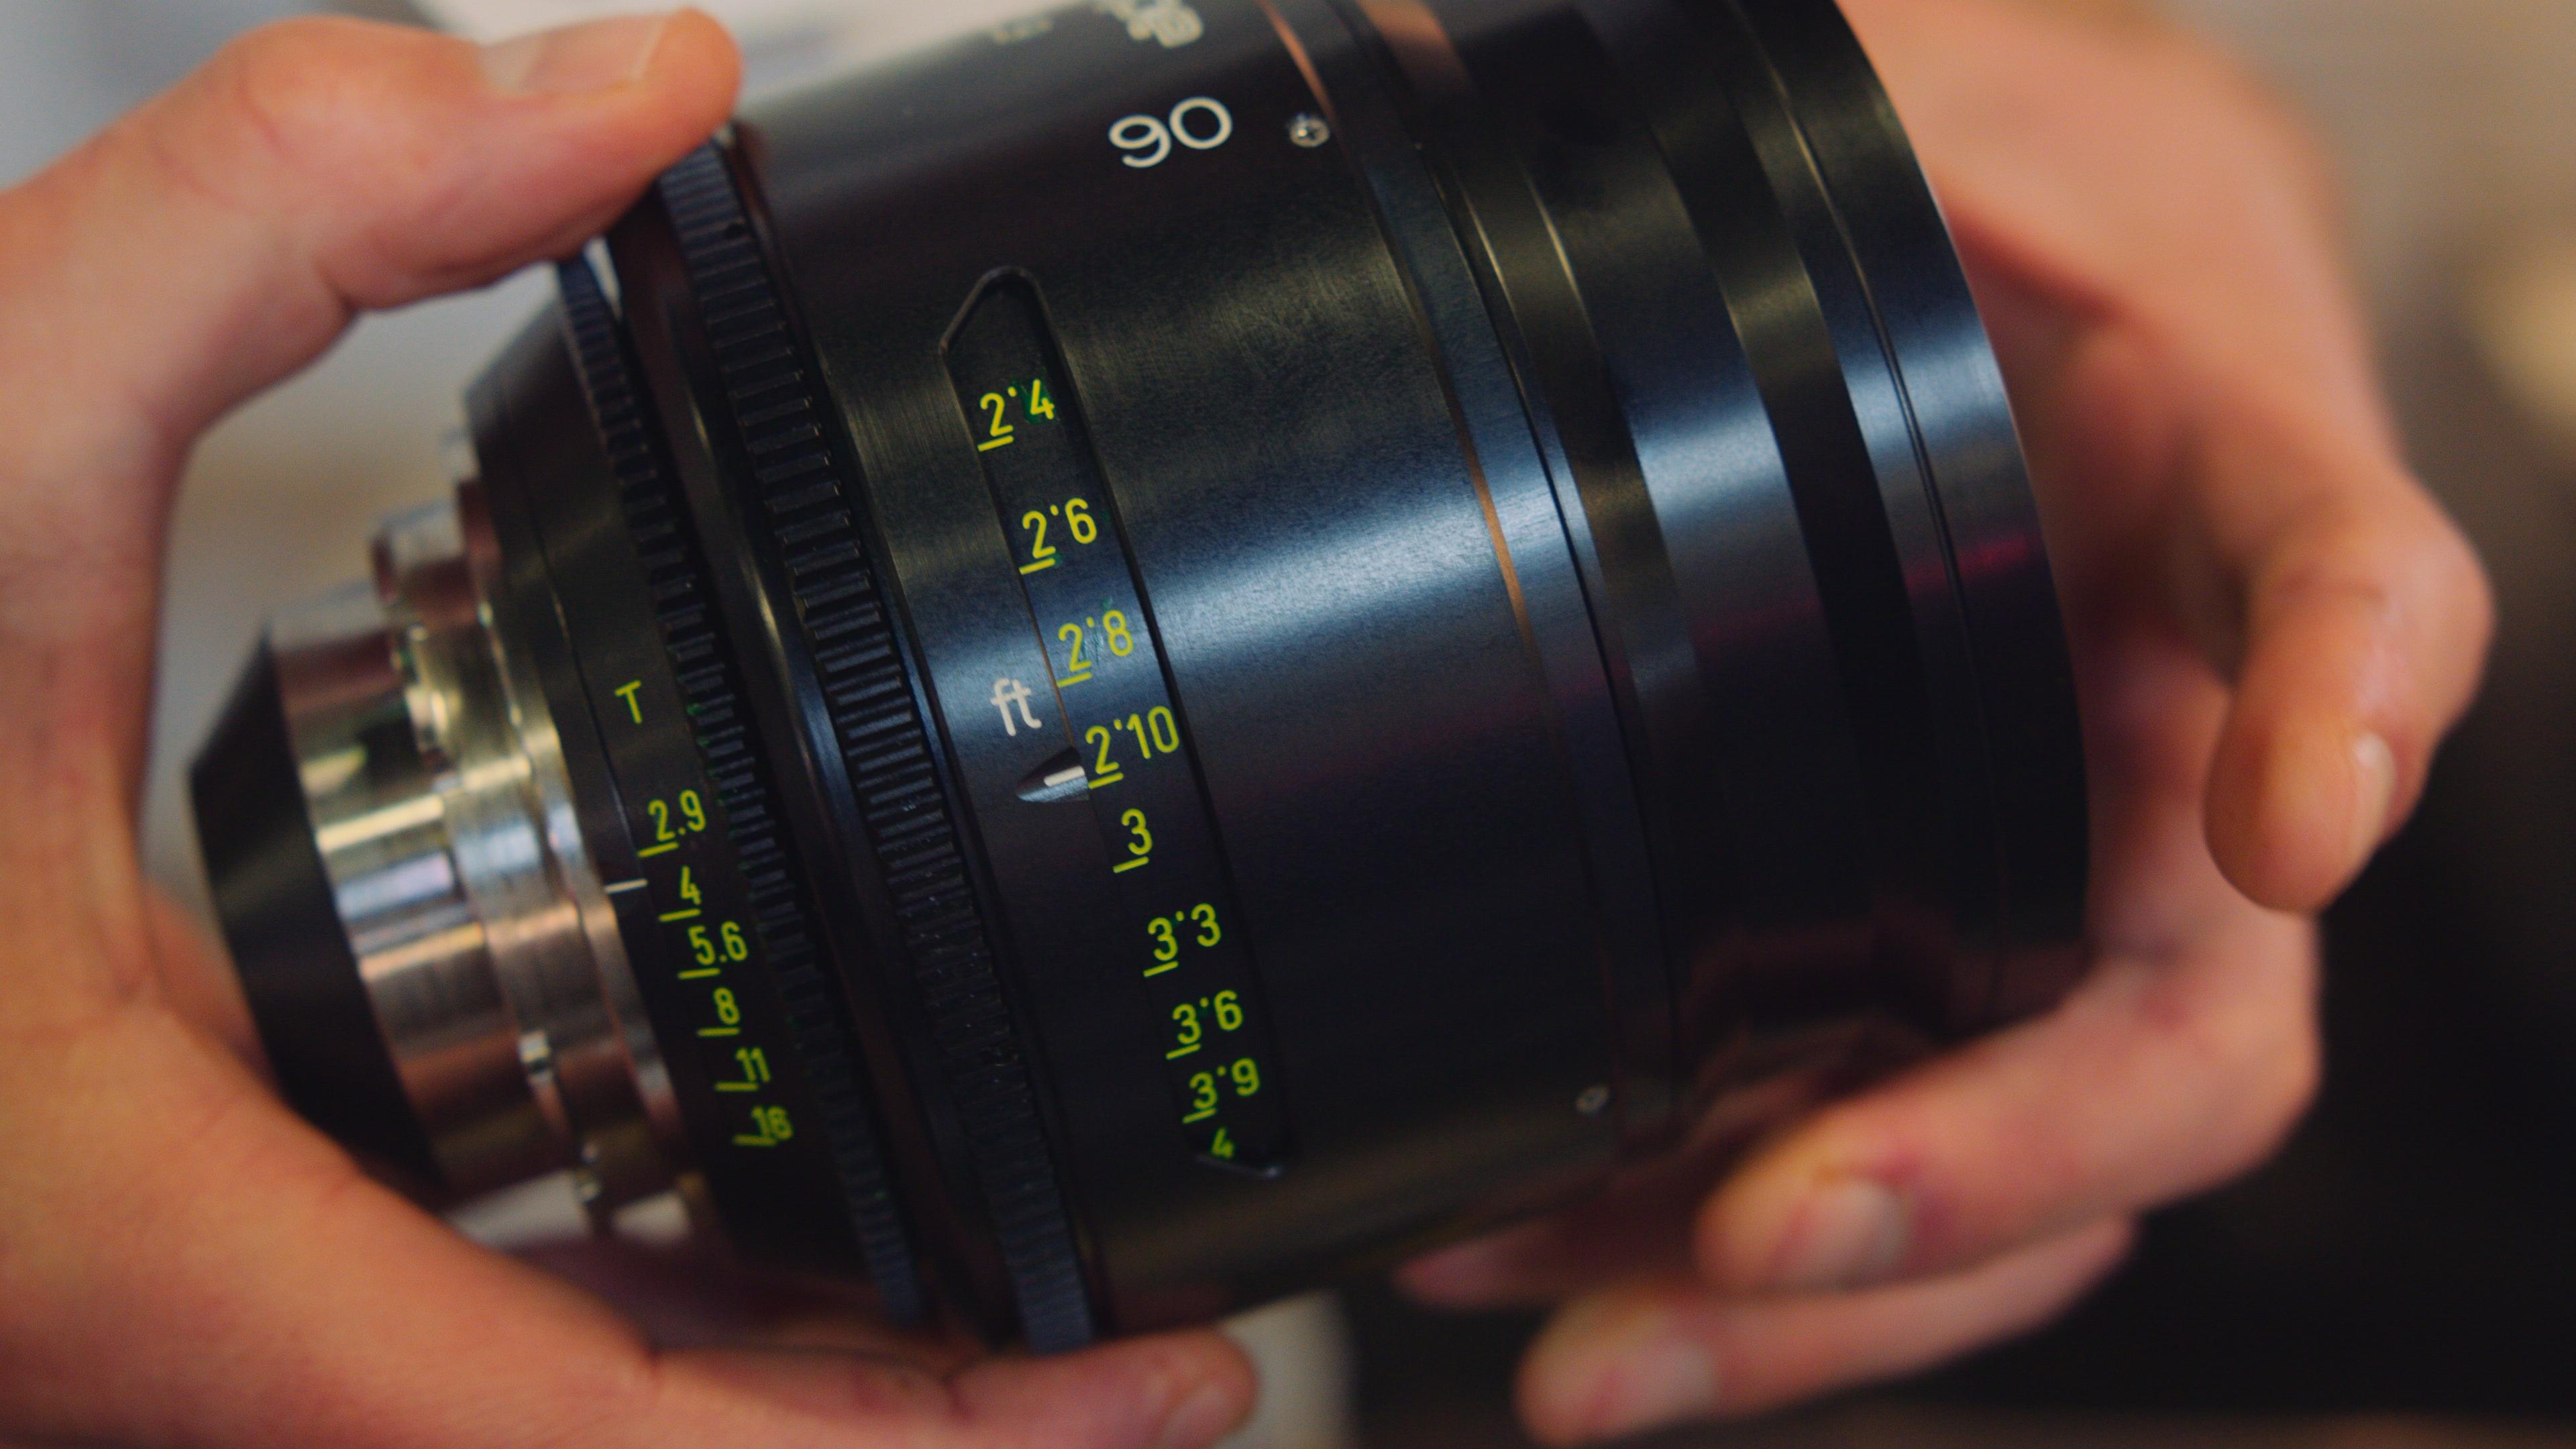 Old made new - Leica R full cine-rehoused prime lenses from